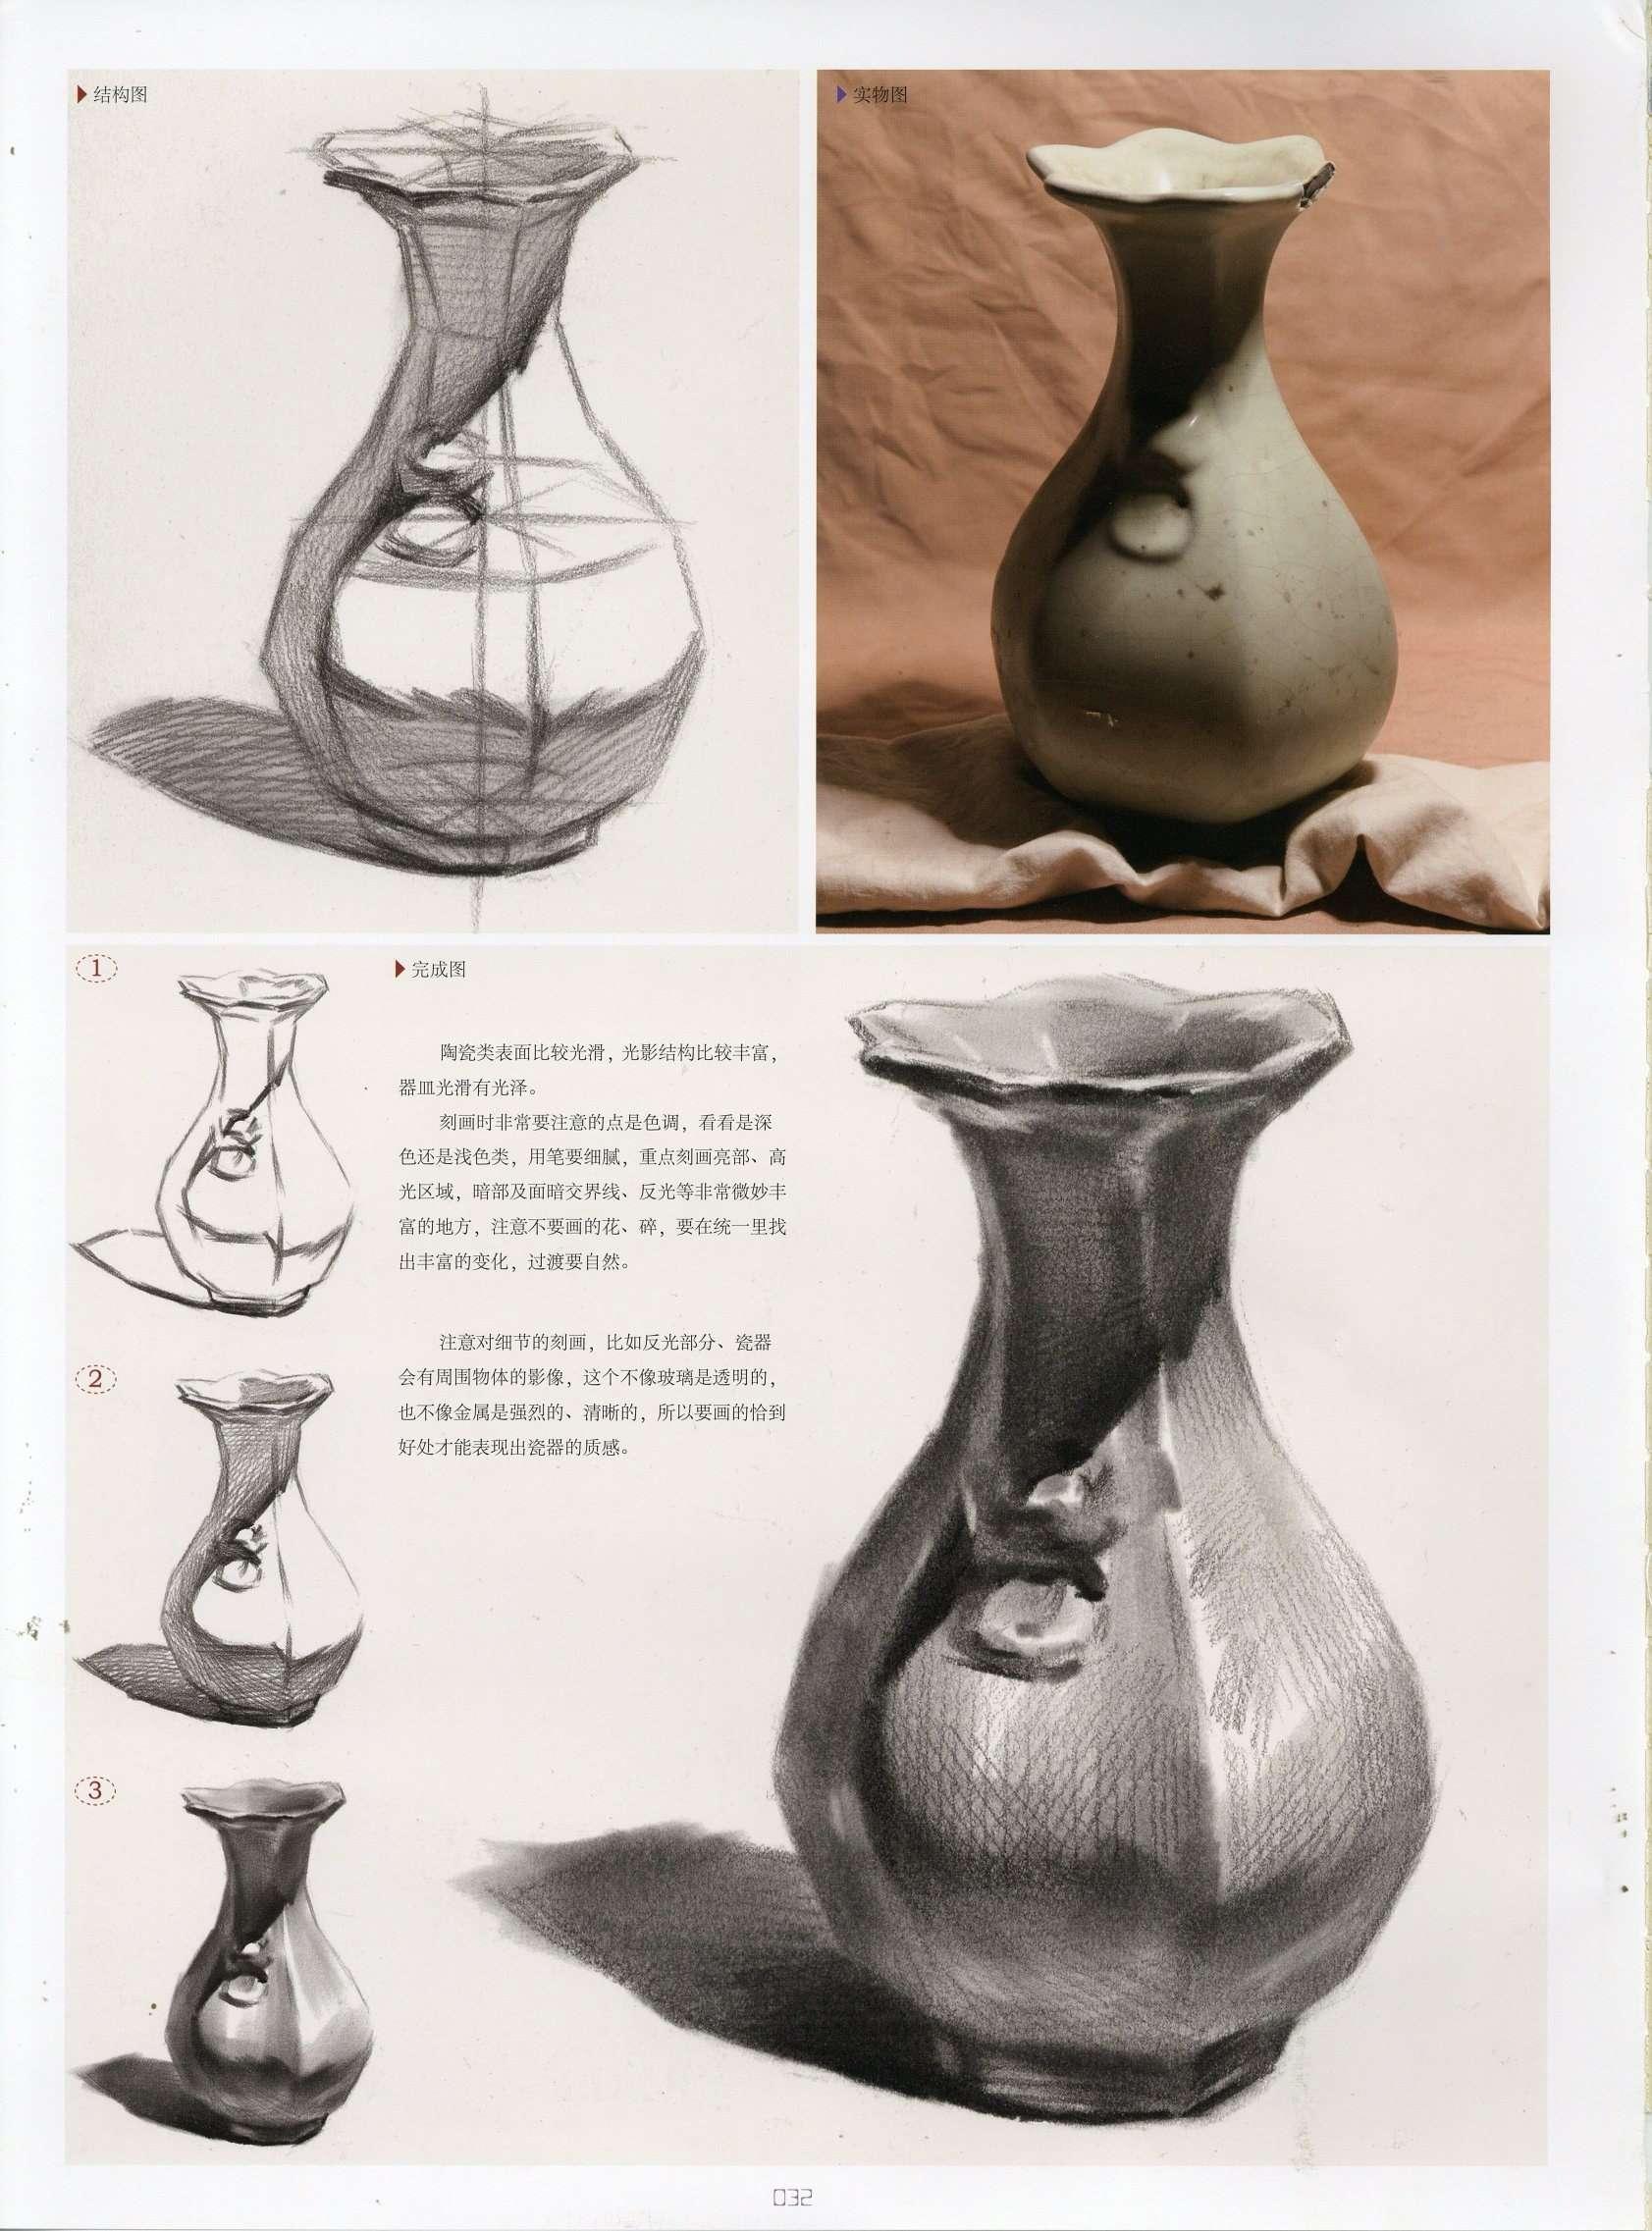 素描单体简单的陶瓷瓶子 带结构和教程步骤分析